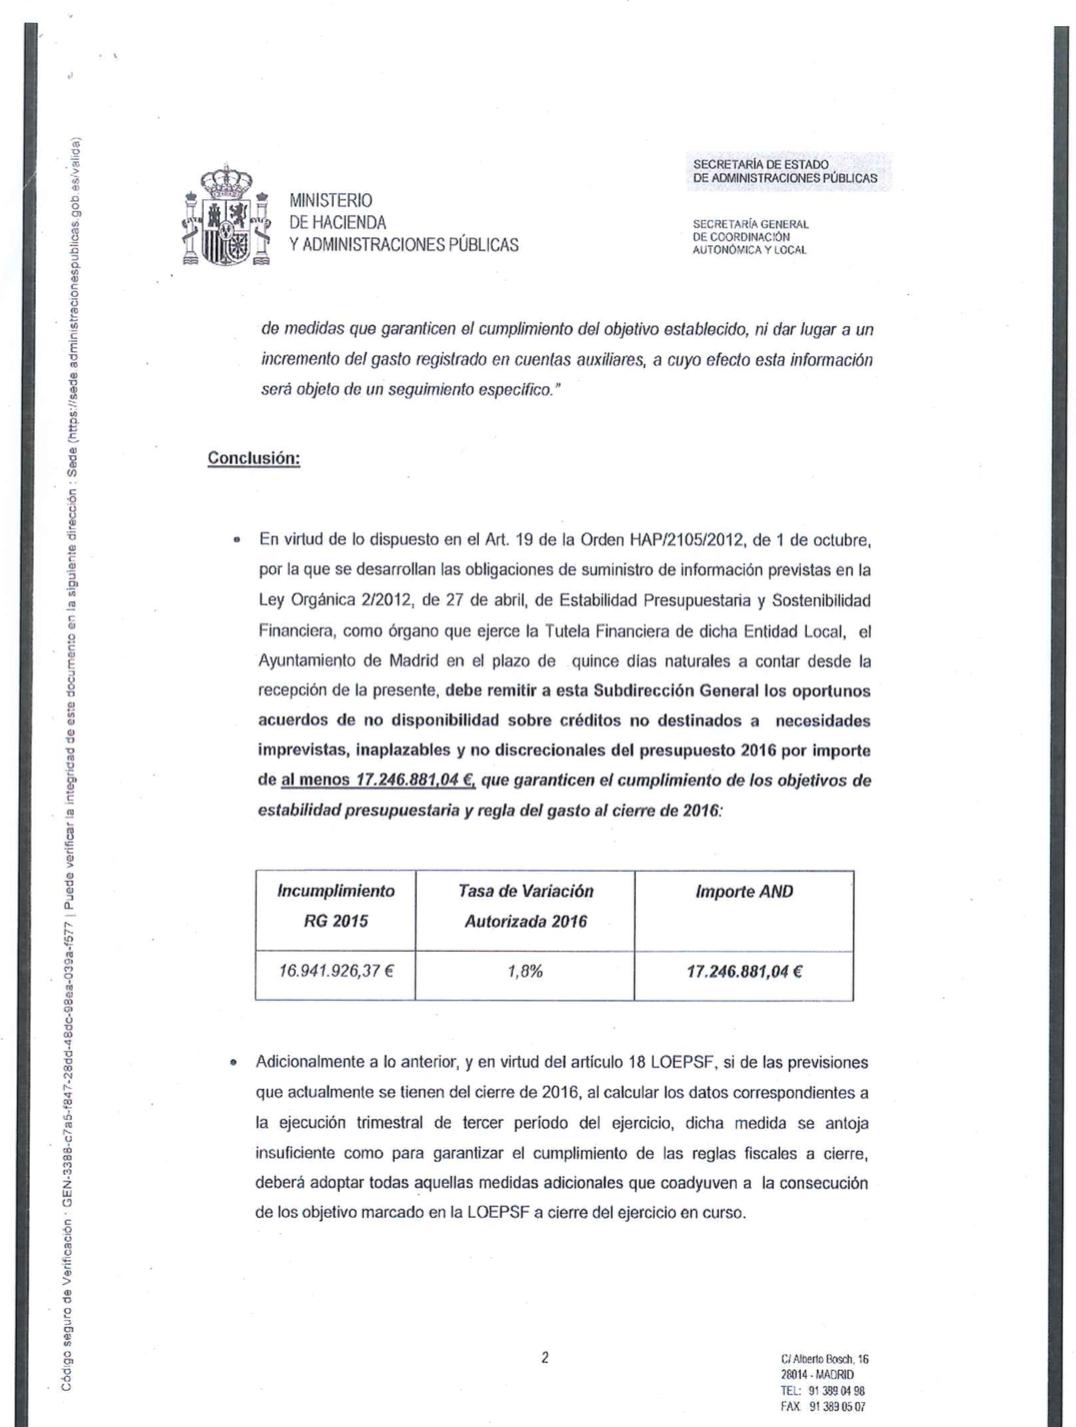 HACIENDA-CARTA-2.png